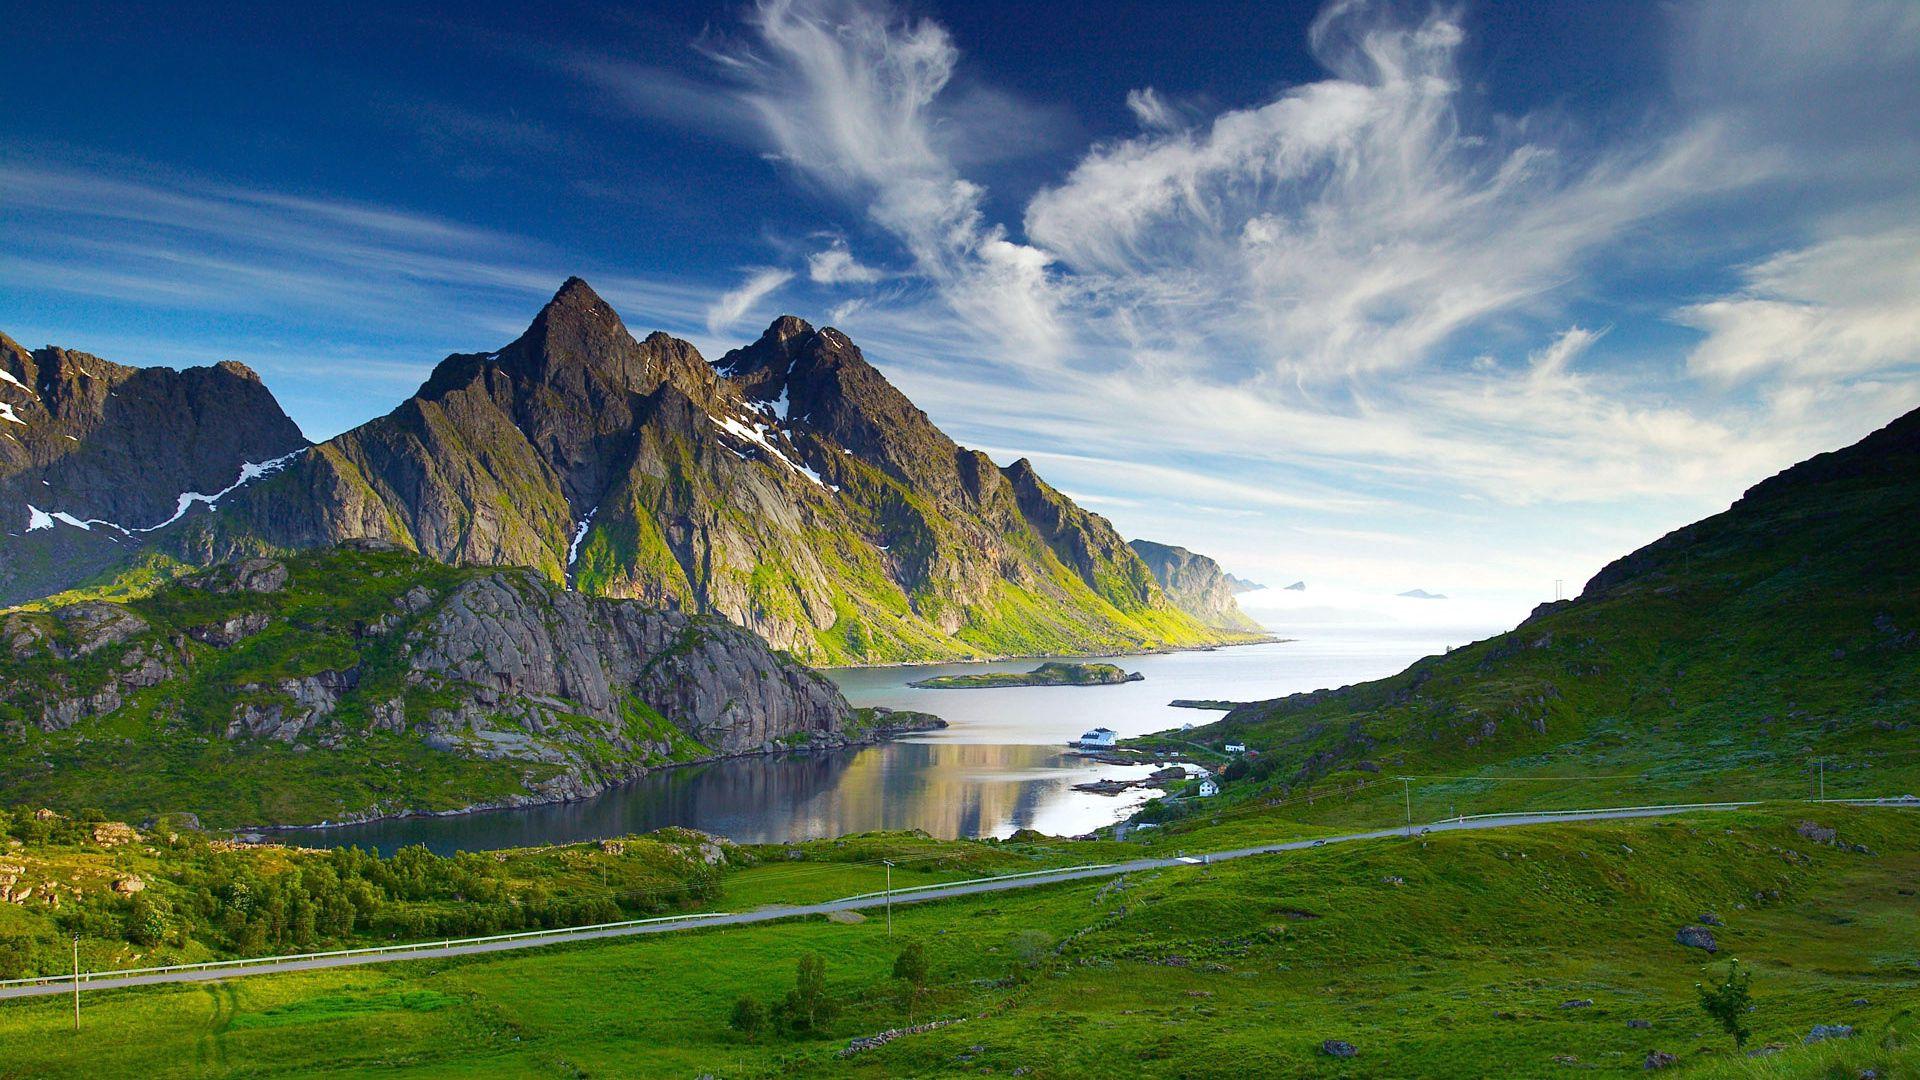 115990 скачать обои Горы, Лето, Природа, Река, Трава, Озеро - заставки и картинки бесплатно